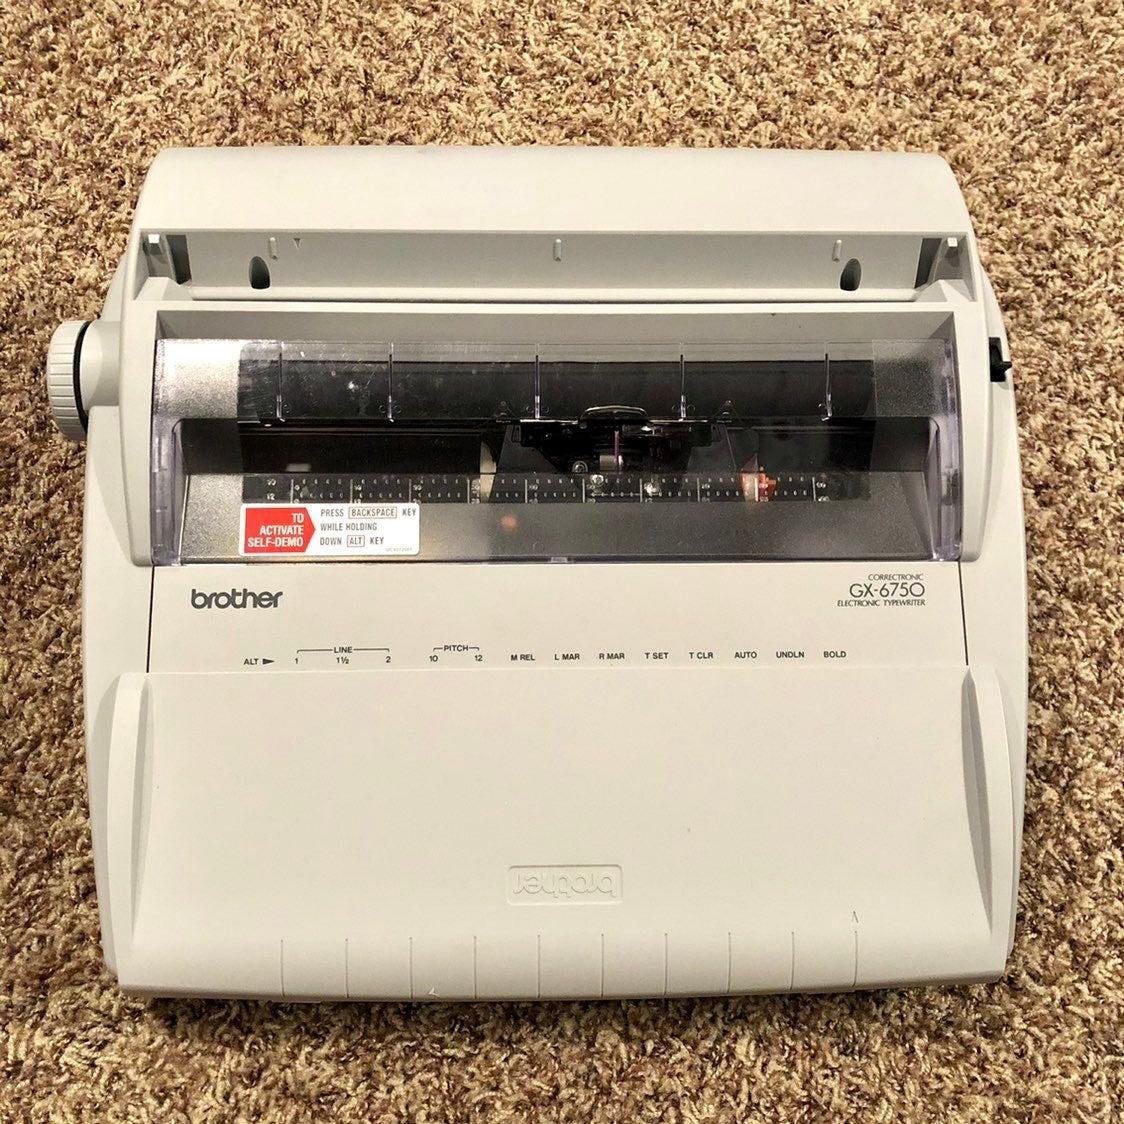 Brother GX-6750 Electronic Typewriter